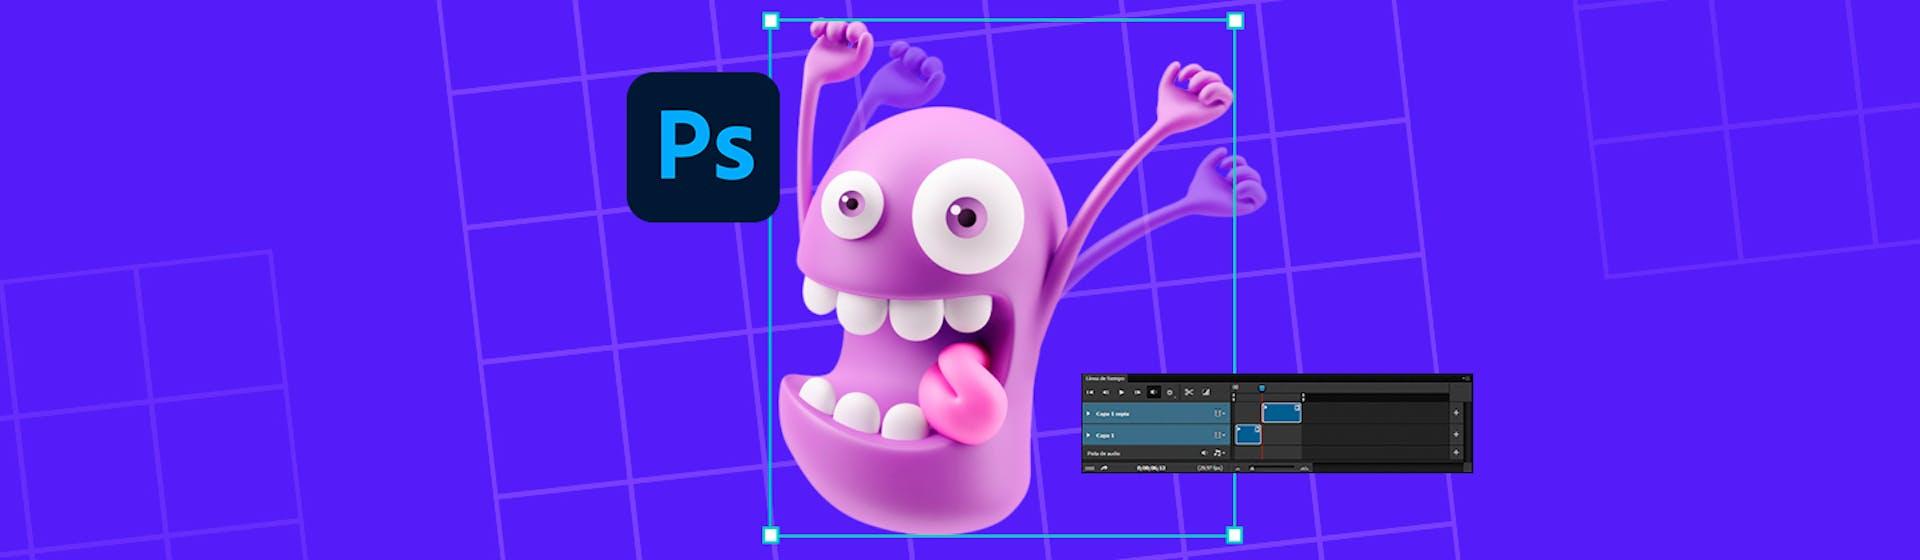 ¡Aprende a crear una animación en Photoshop y dale vida a tus imágenes!